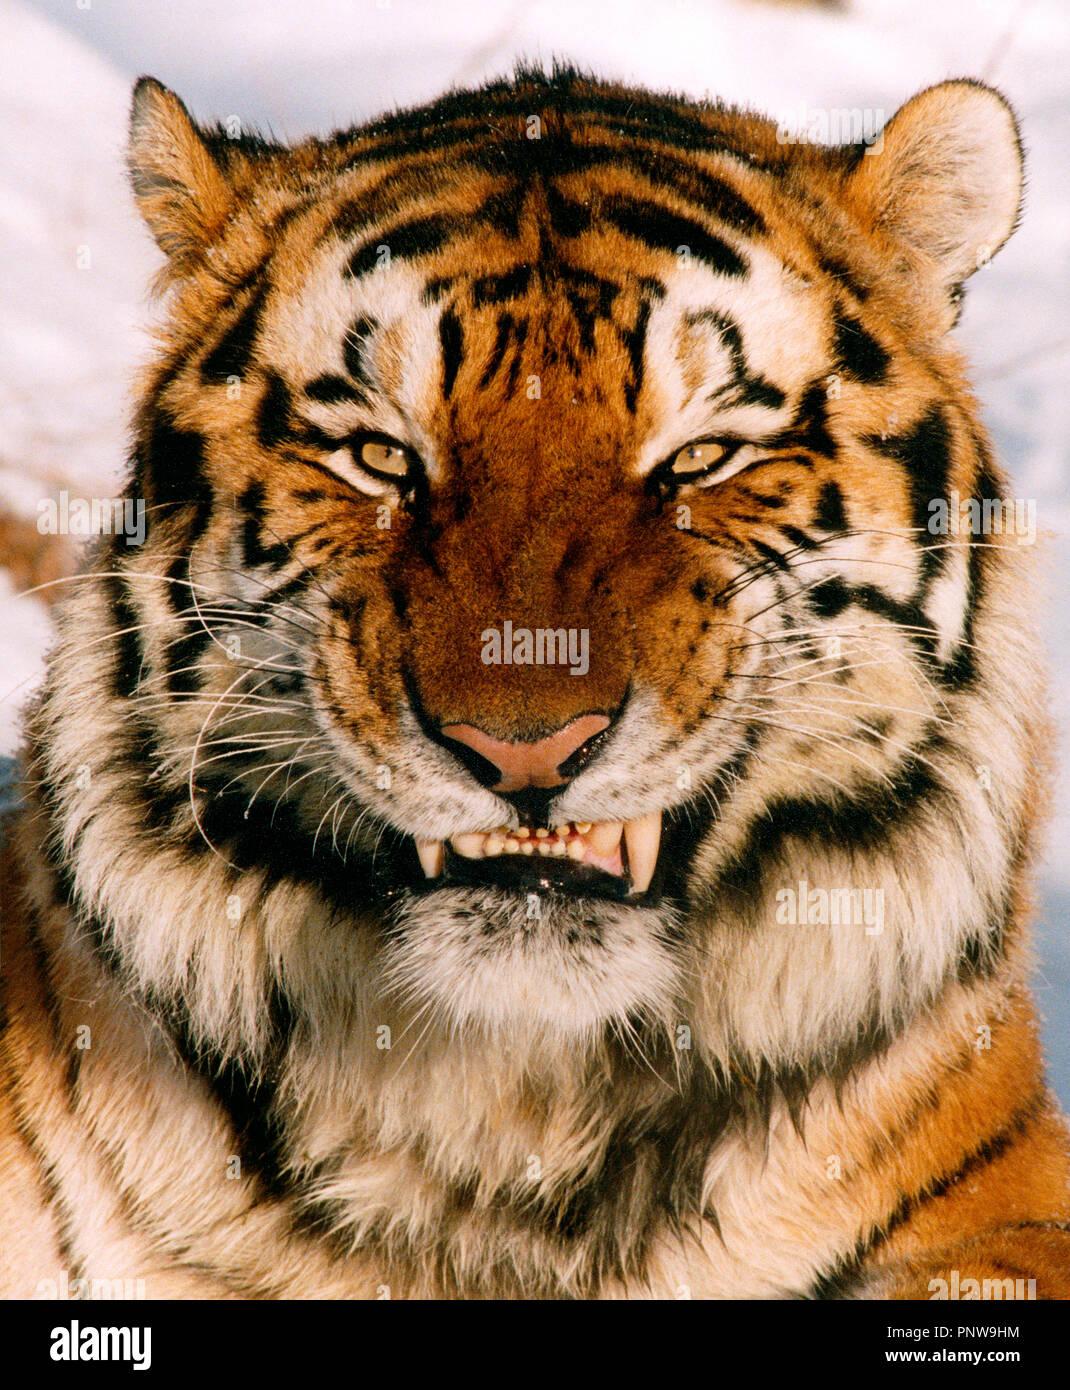 Im freien Nahaufnahme Portrait von heftigen Knurren sibirische Tiger. Russland. Stockfoto